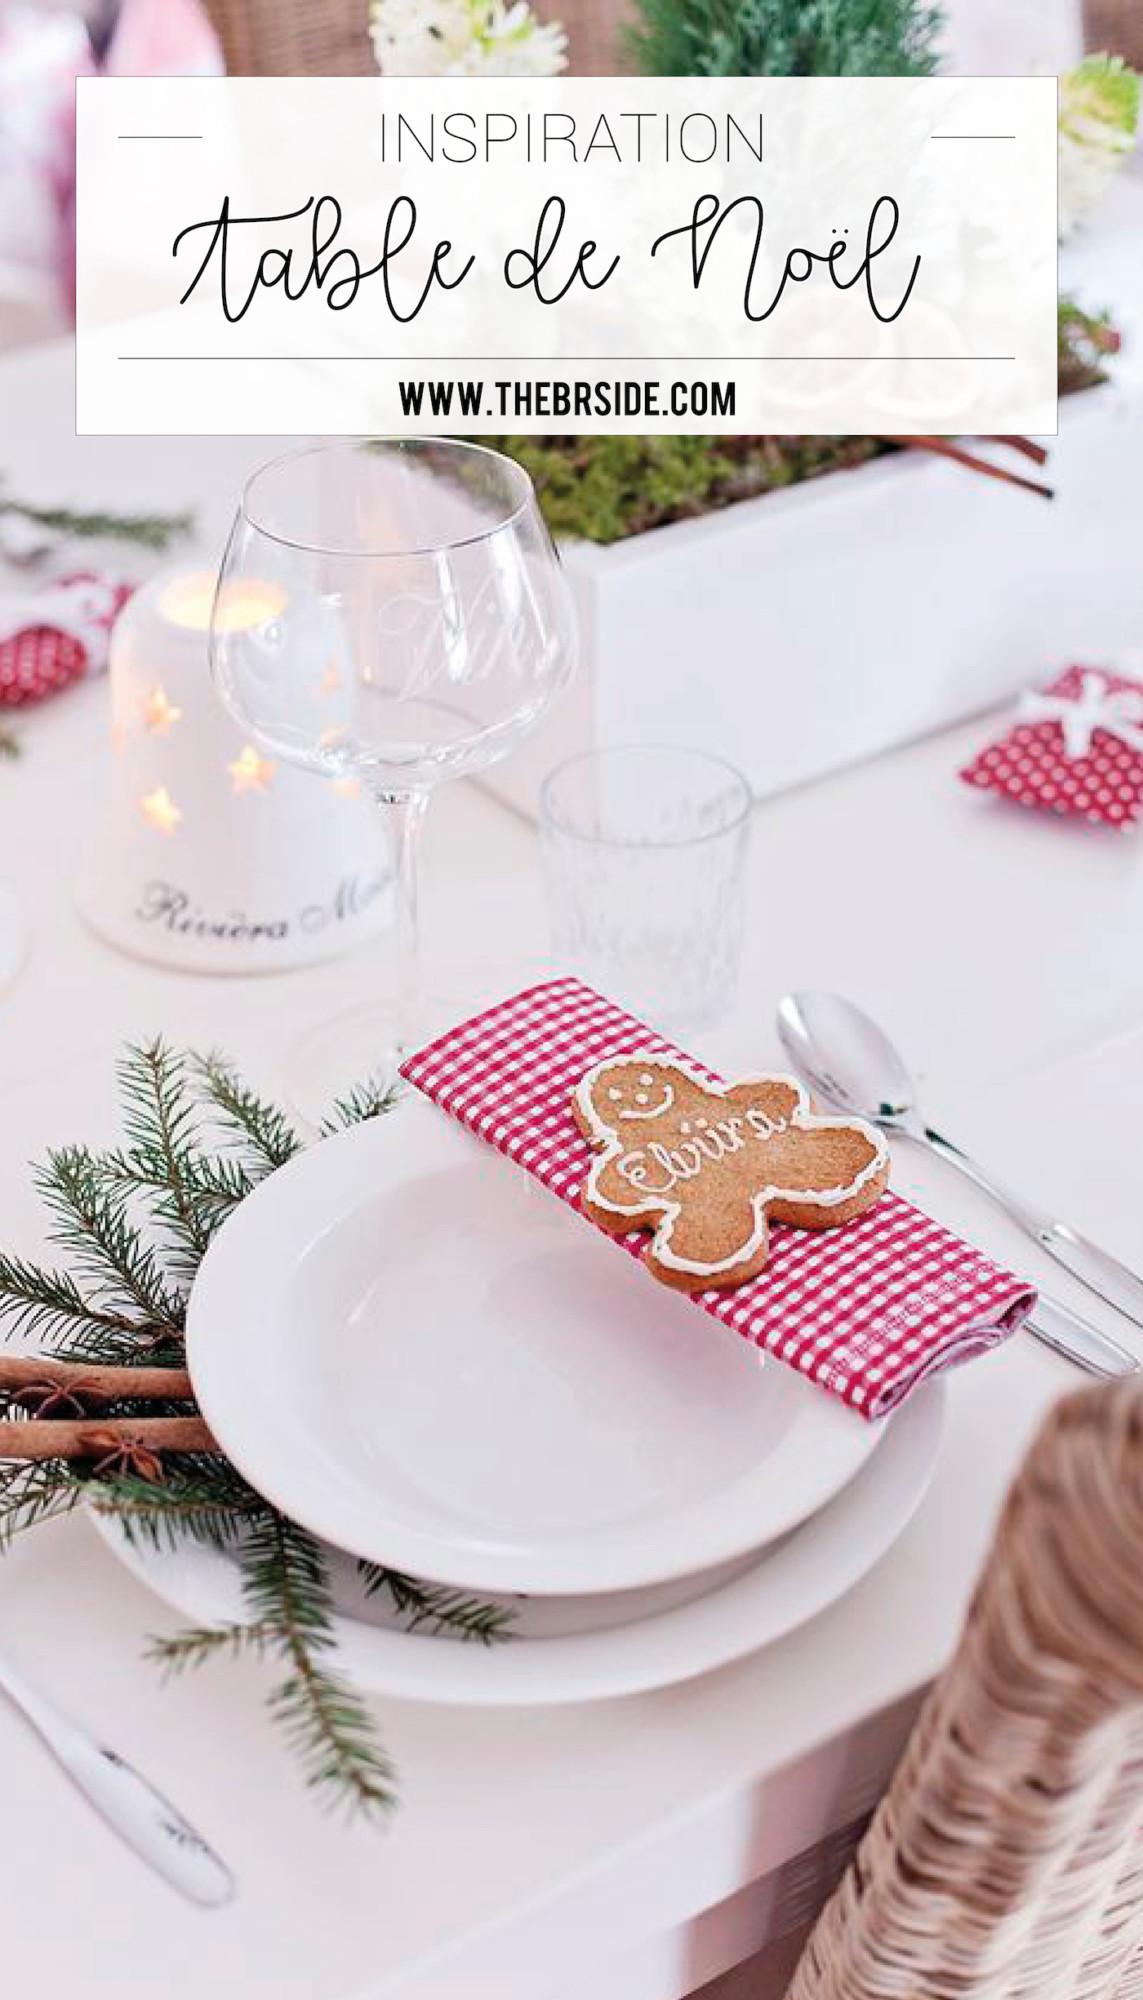 inspiration des id es pour votre d coration de table pour no l. Black Bedroom Furniture Sets. Home Design Ideas